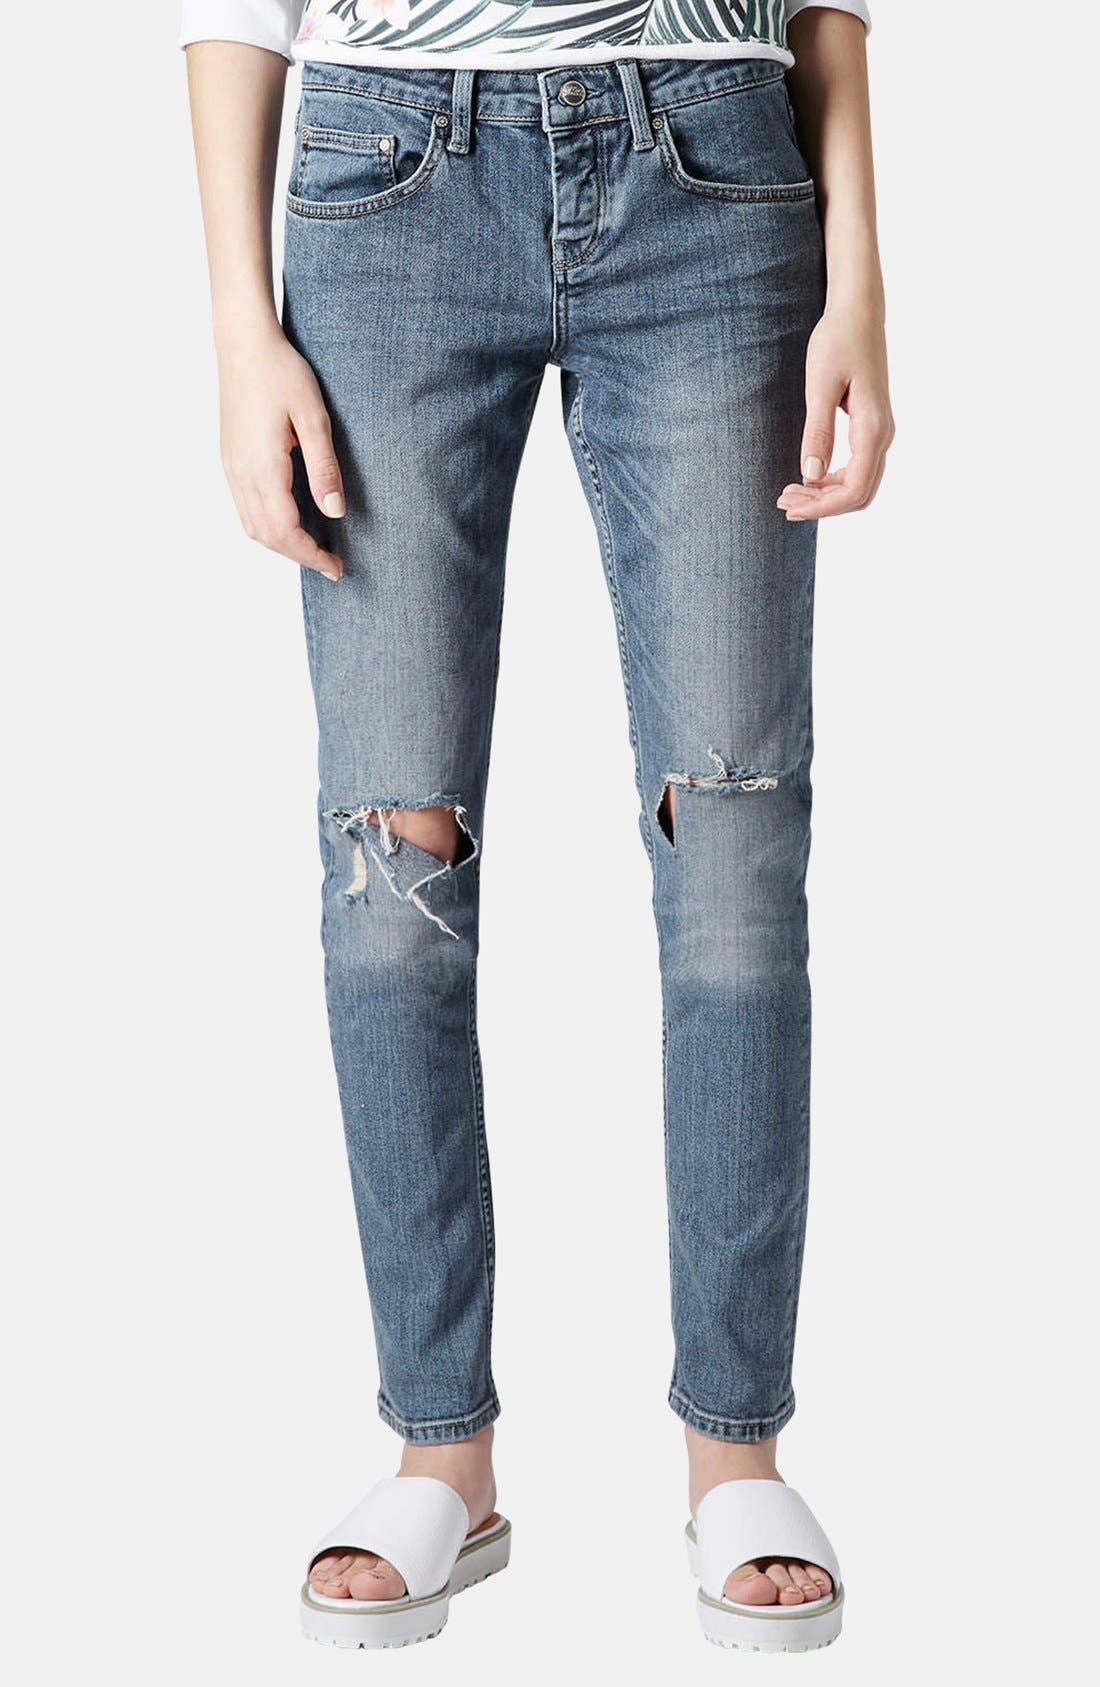 Alternate Image 1 Selected - Topshop Moto 'Rita' Distressed Skinny Jeans (Mid Denim) (Short)